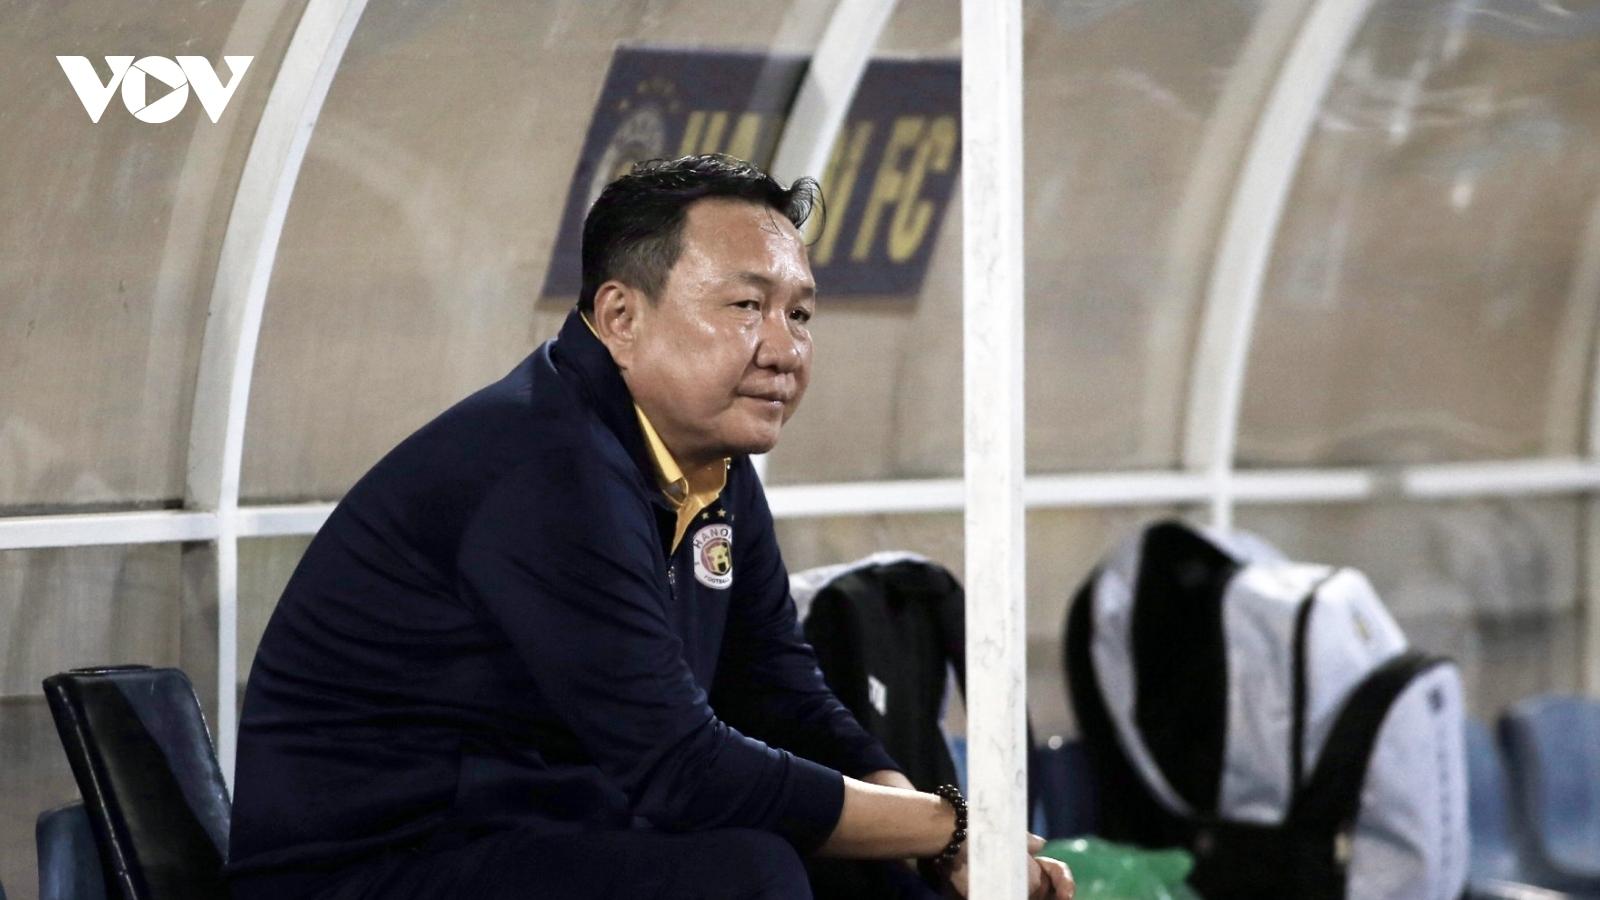 HLV Hoàng Văn Phúc nói điều bất ngờ sau trận thắng Quảng Ninh